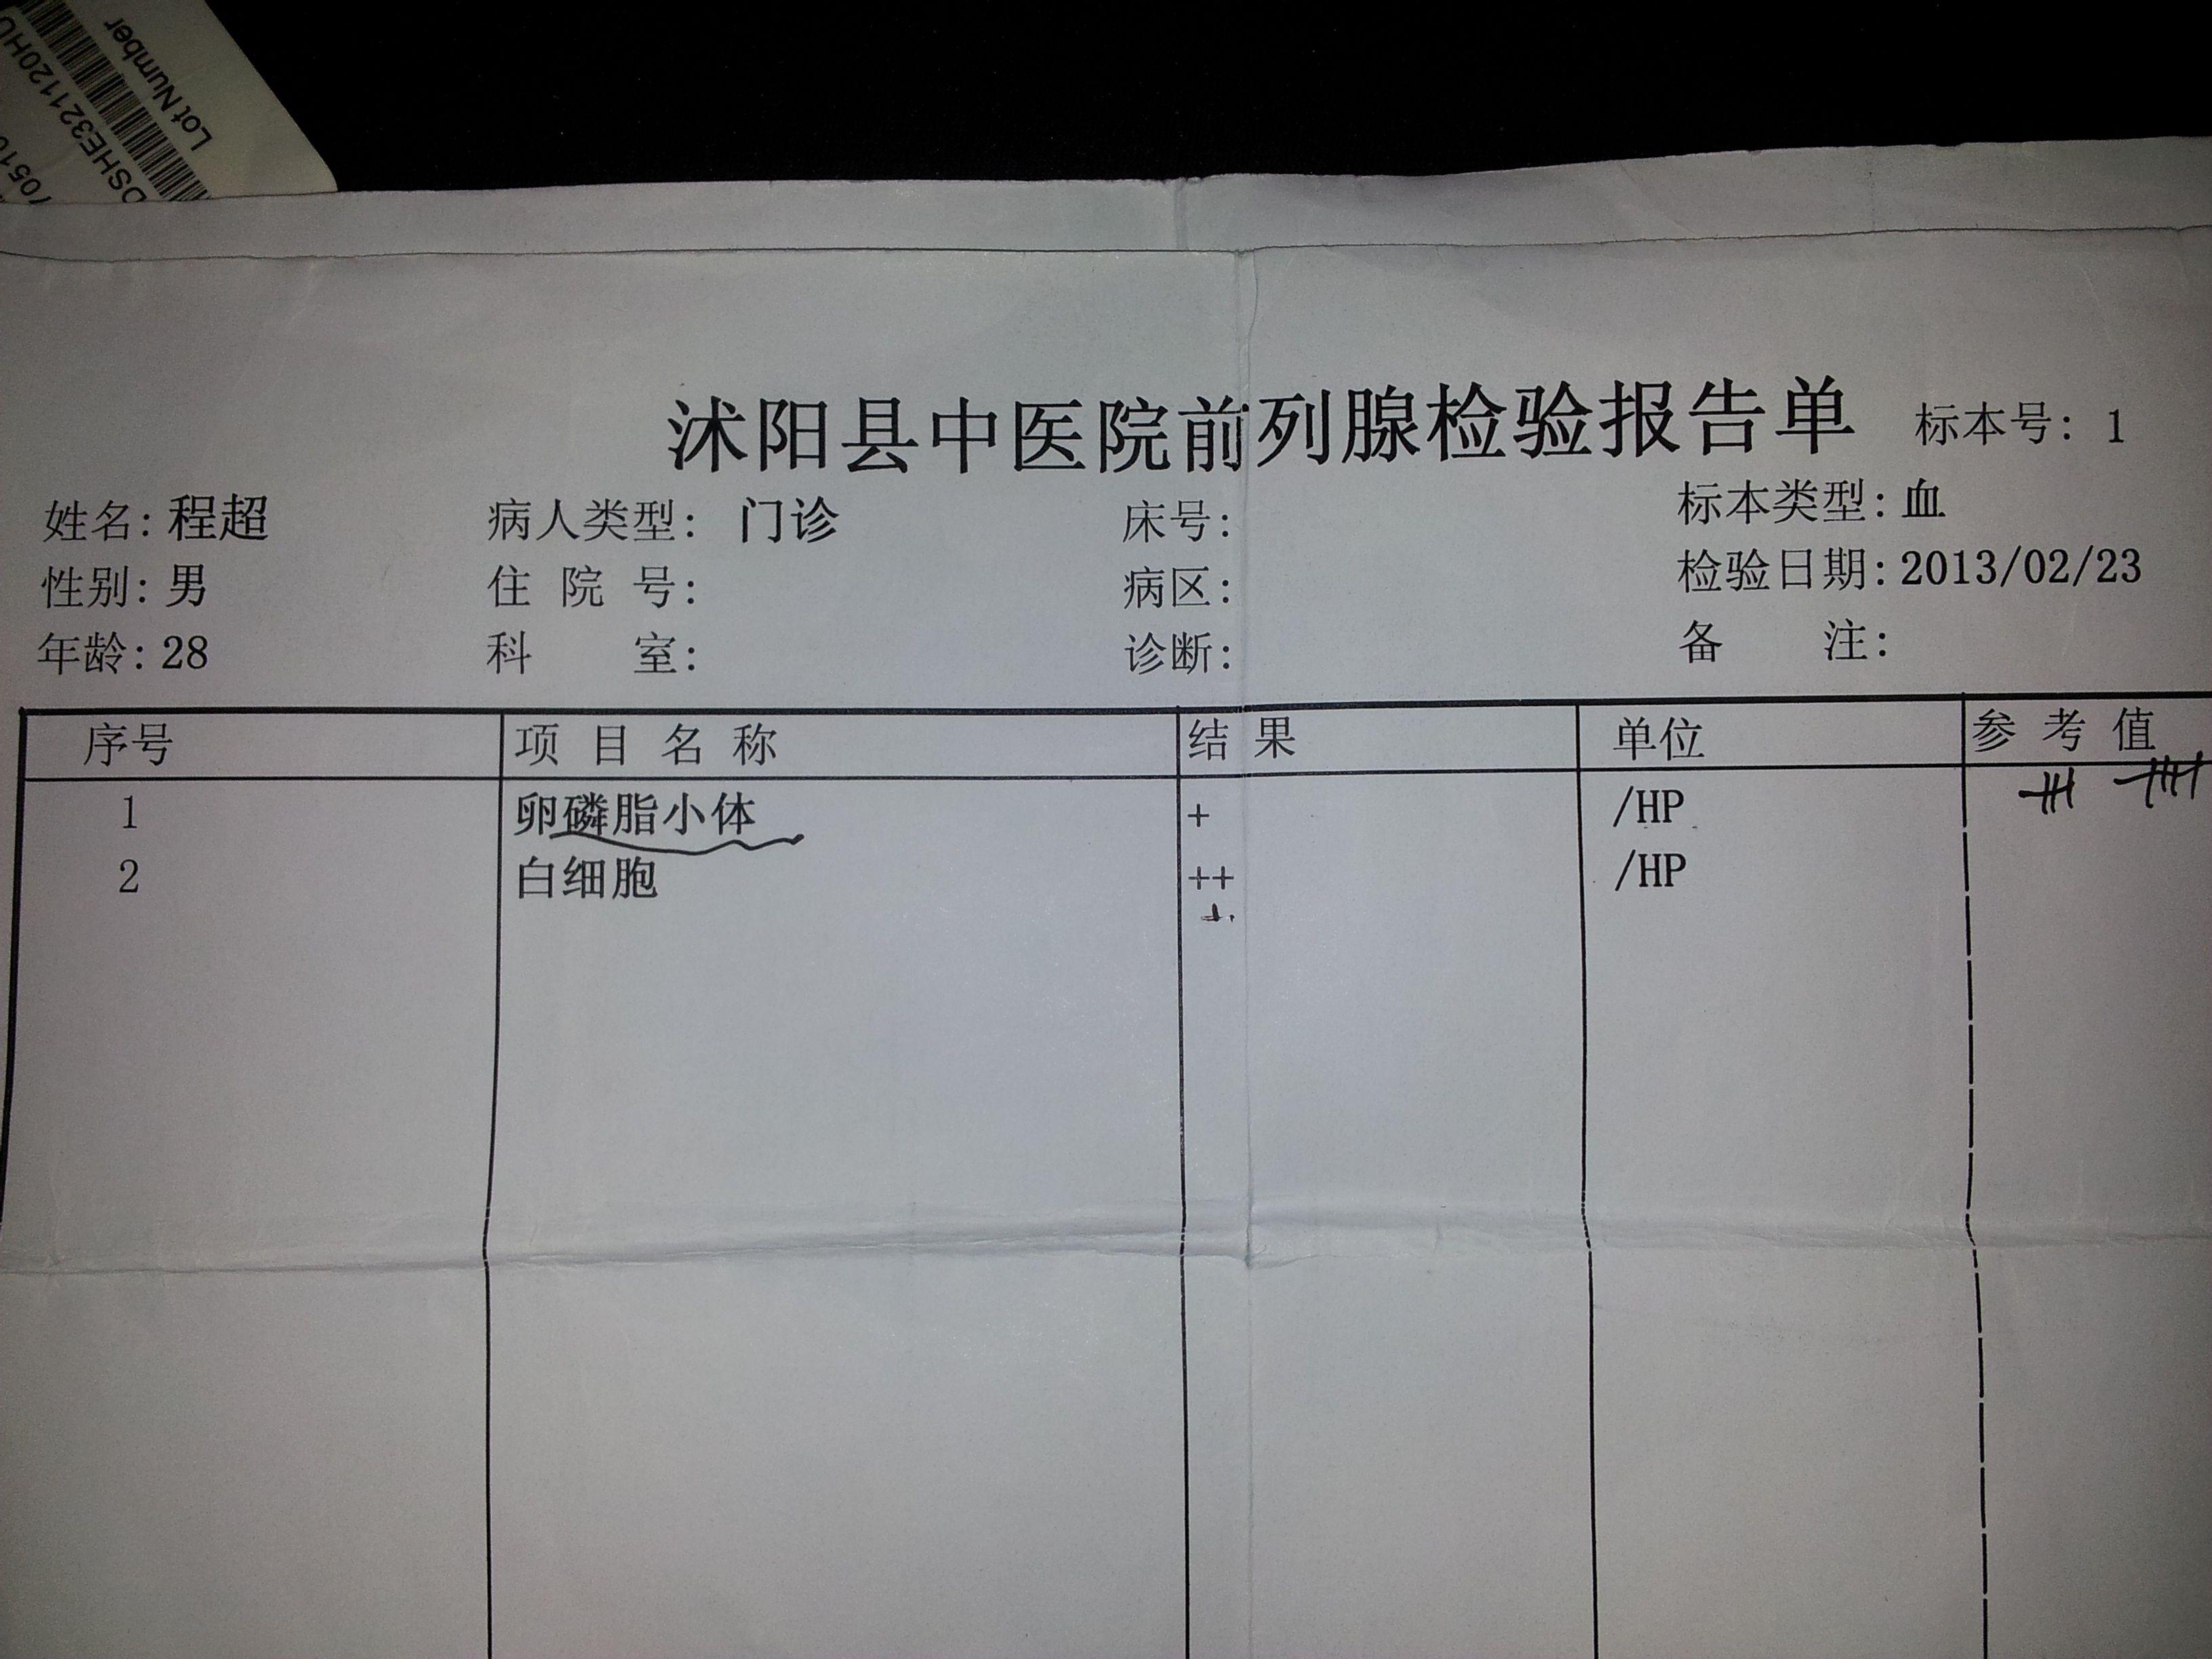 支原体感染的症状_前列腺炎,解脲支原体阳性,请看检验单_百度知道